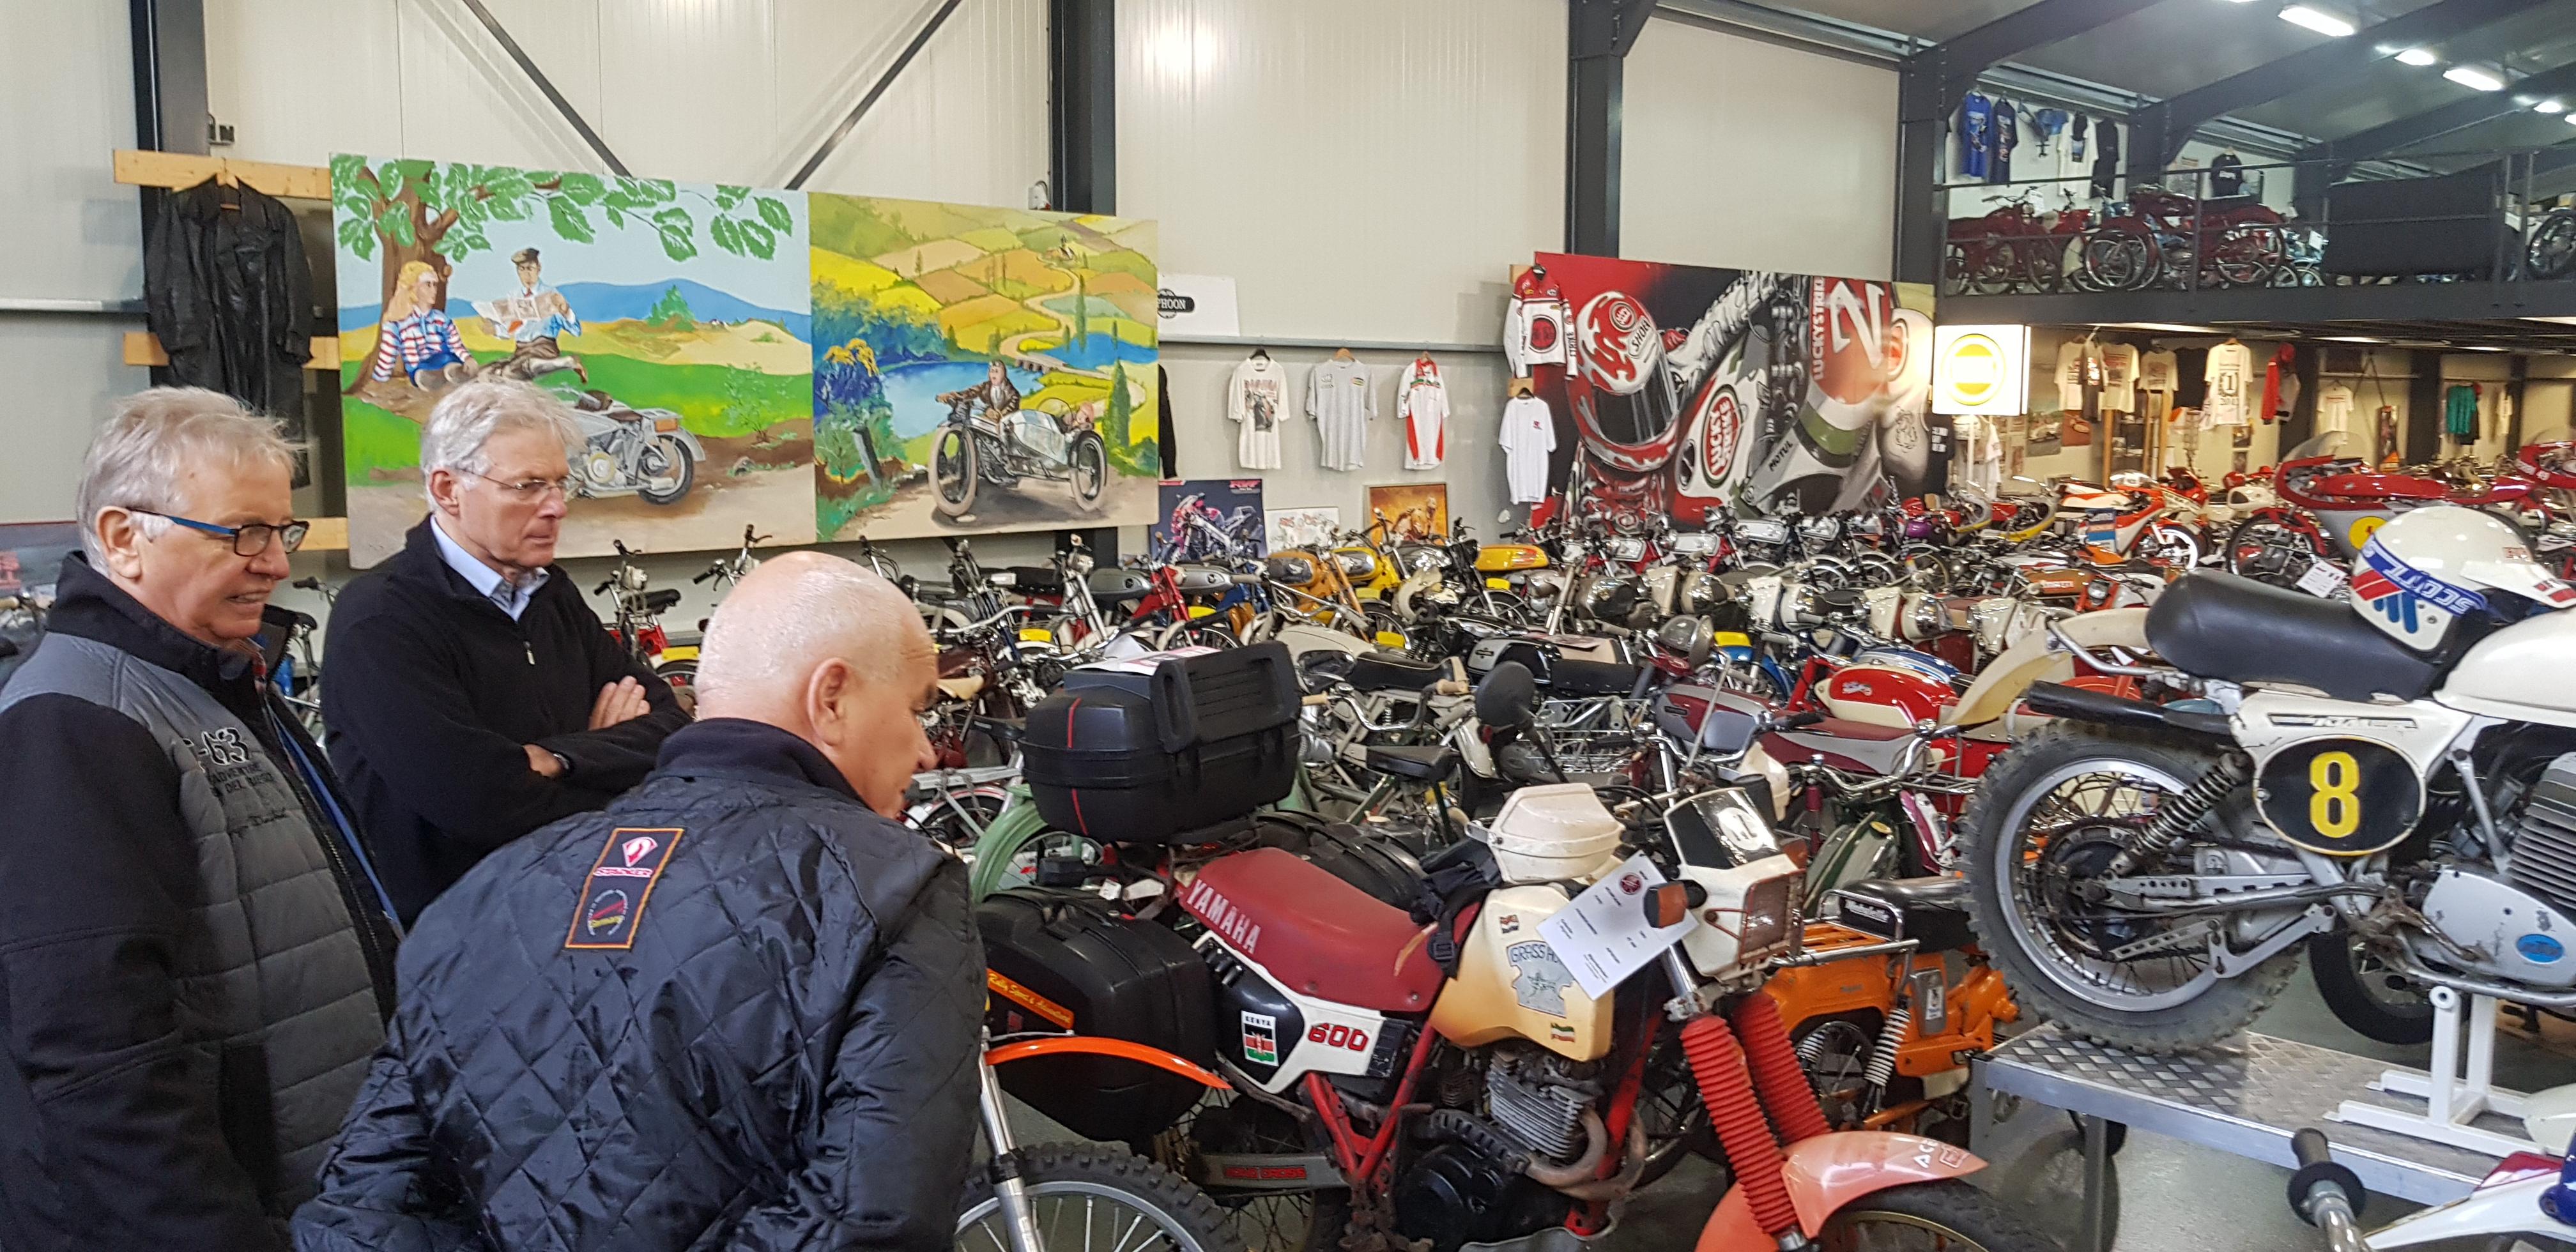 Brommer-en-motormuseum-Wigchers-Schoonoord-verbazing